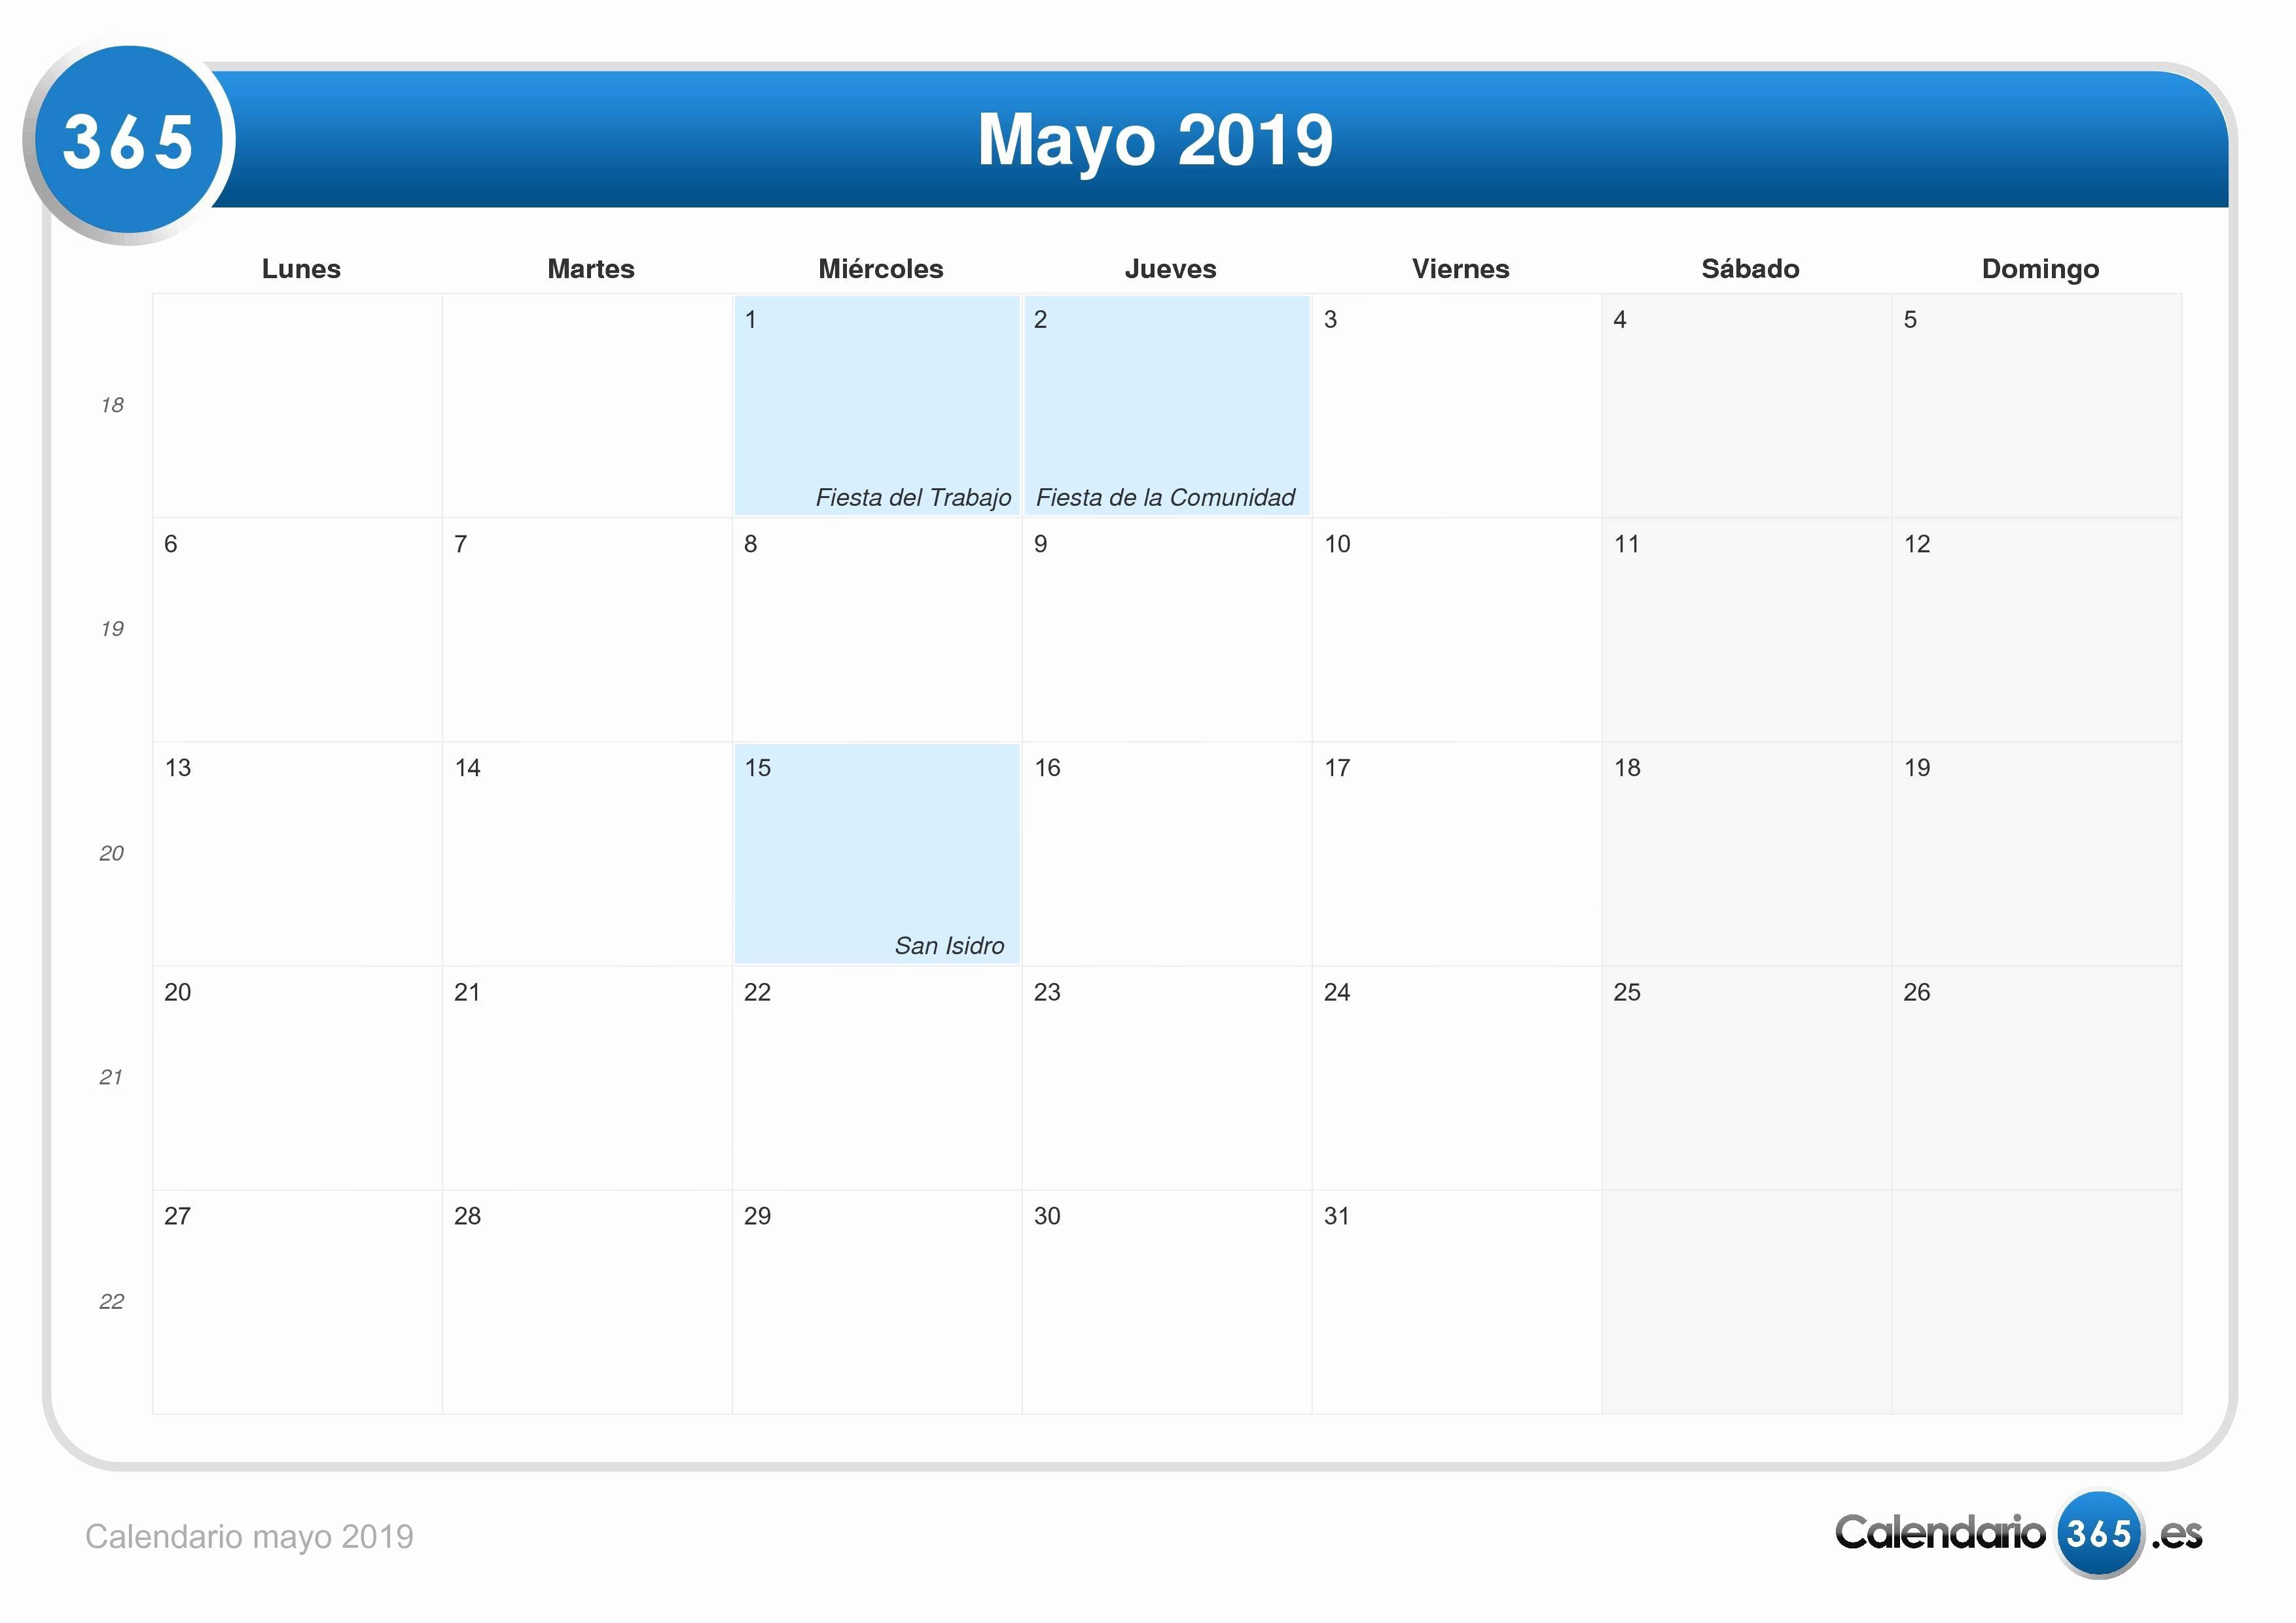 Calendario Enero 2019 Colombia Festivos Más Recientes De Lujo 51 Ejemplos Festivos 2019 Of Calendario Enero 2019 Colombia Festivos Mejores Y Más Novedosos Carnet 10×15 Calendari Novembre